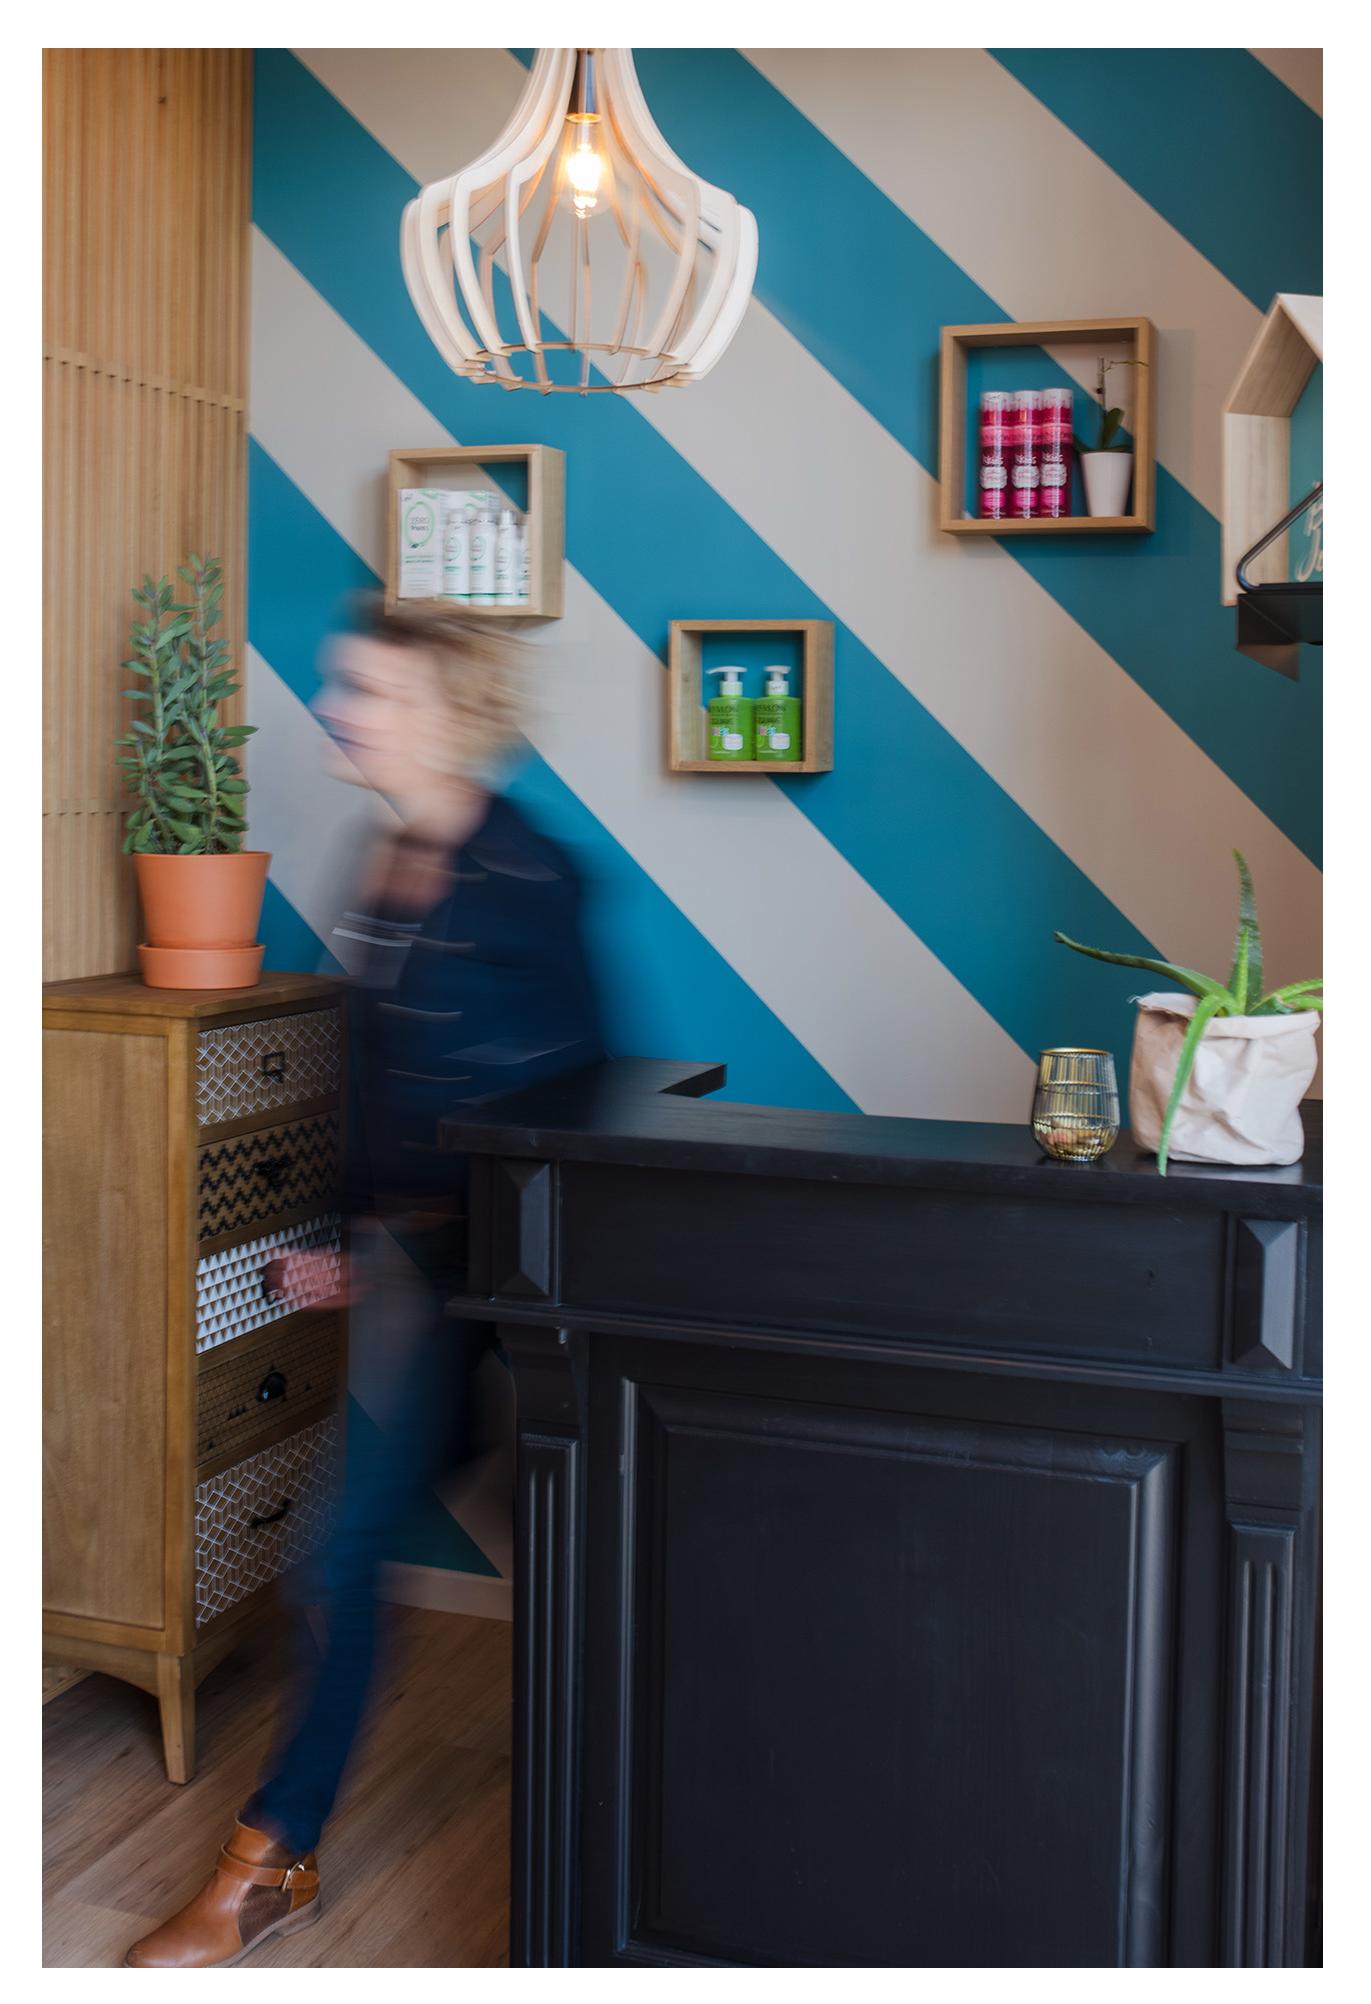 salon de coiffure or e d 39 anjou coiffeur saint laurent des autels. Black Bedroom Furniture Sets. Home Design Ideas